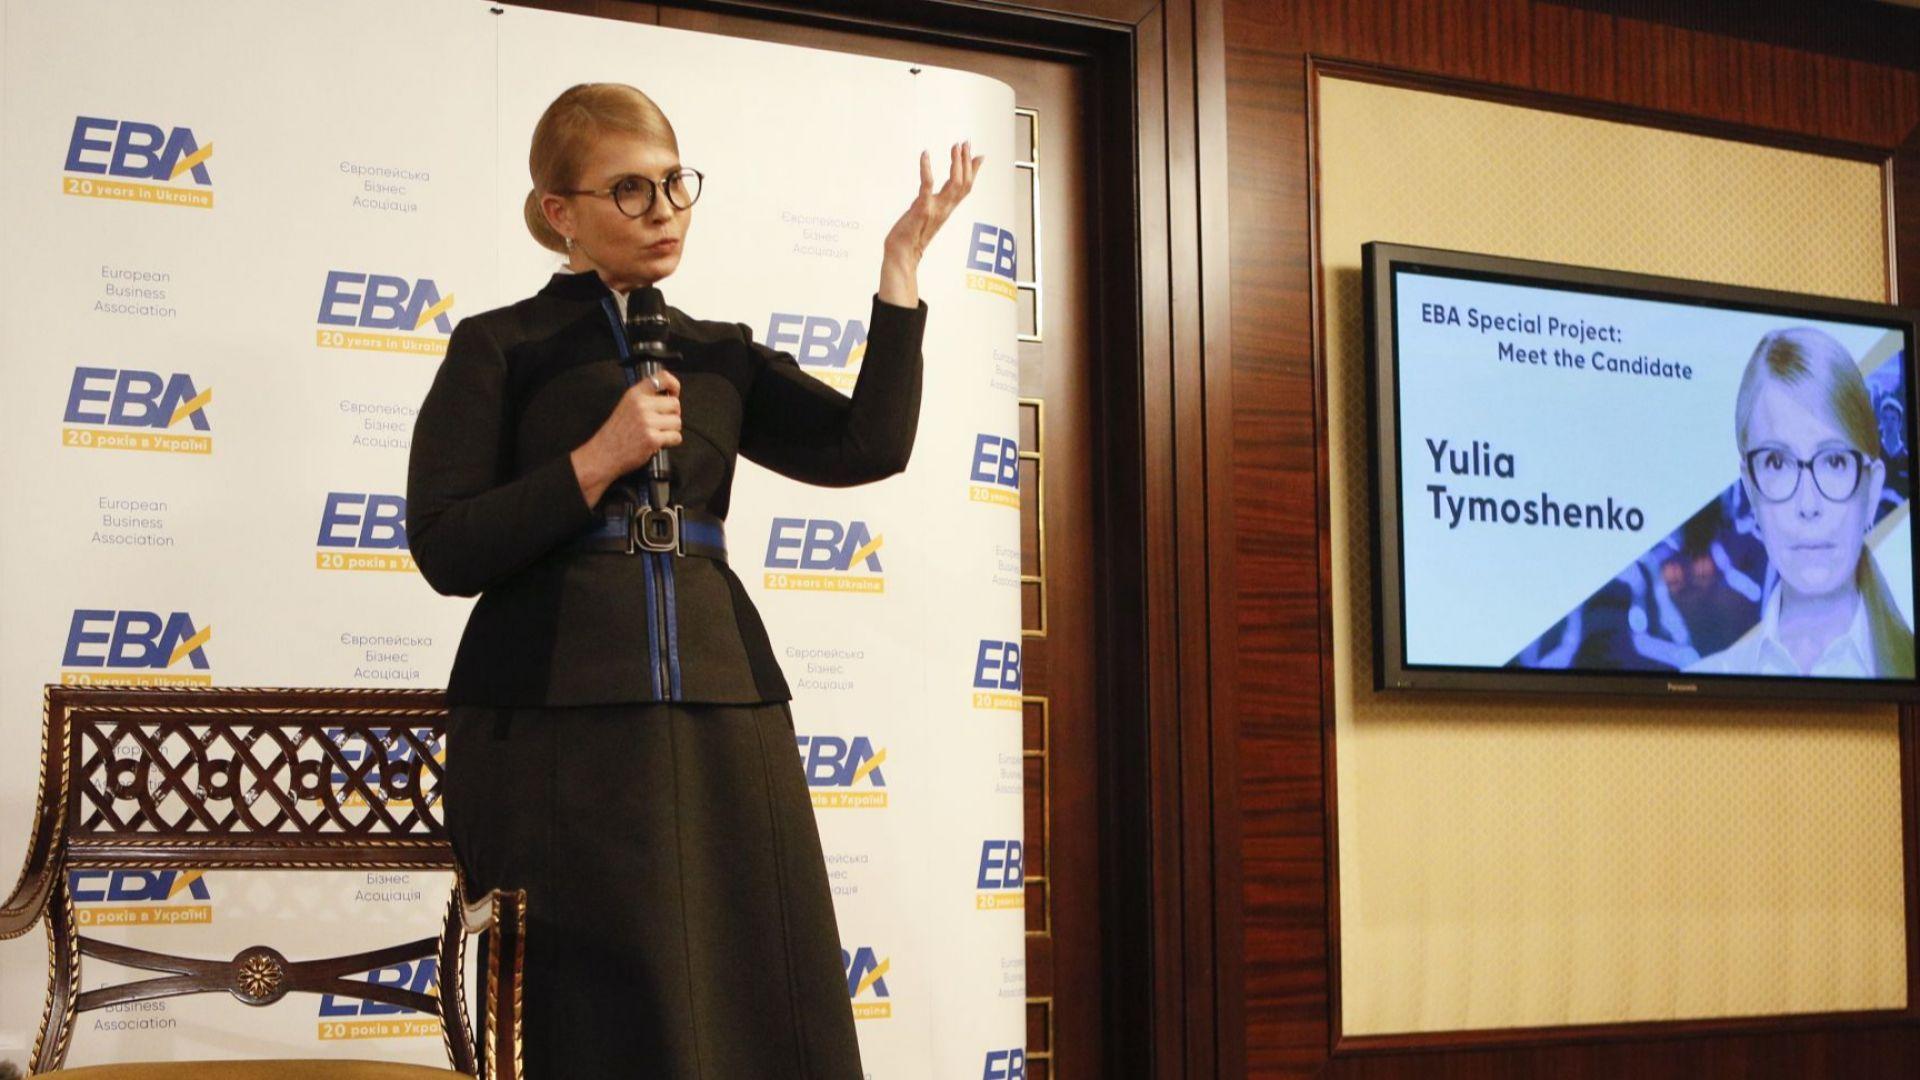 Тимошенко обвини Порошенко в корупция